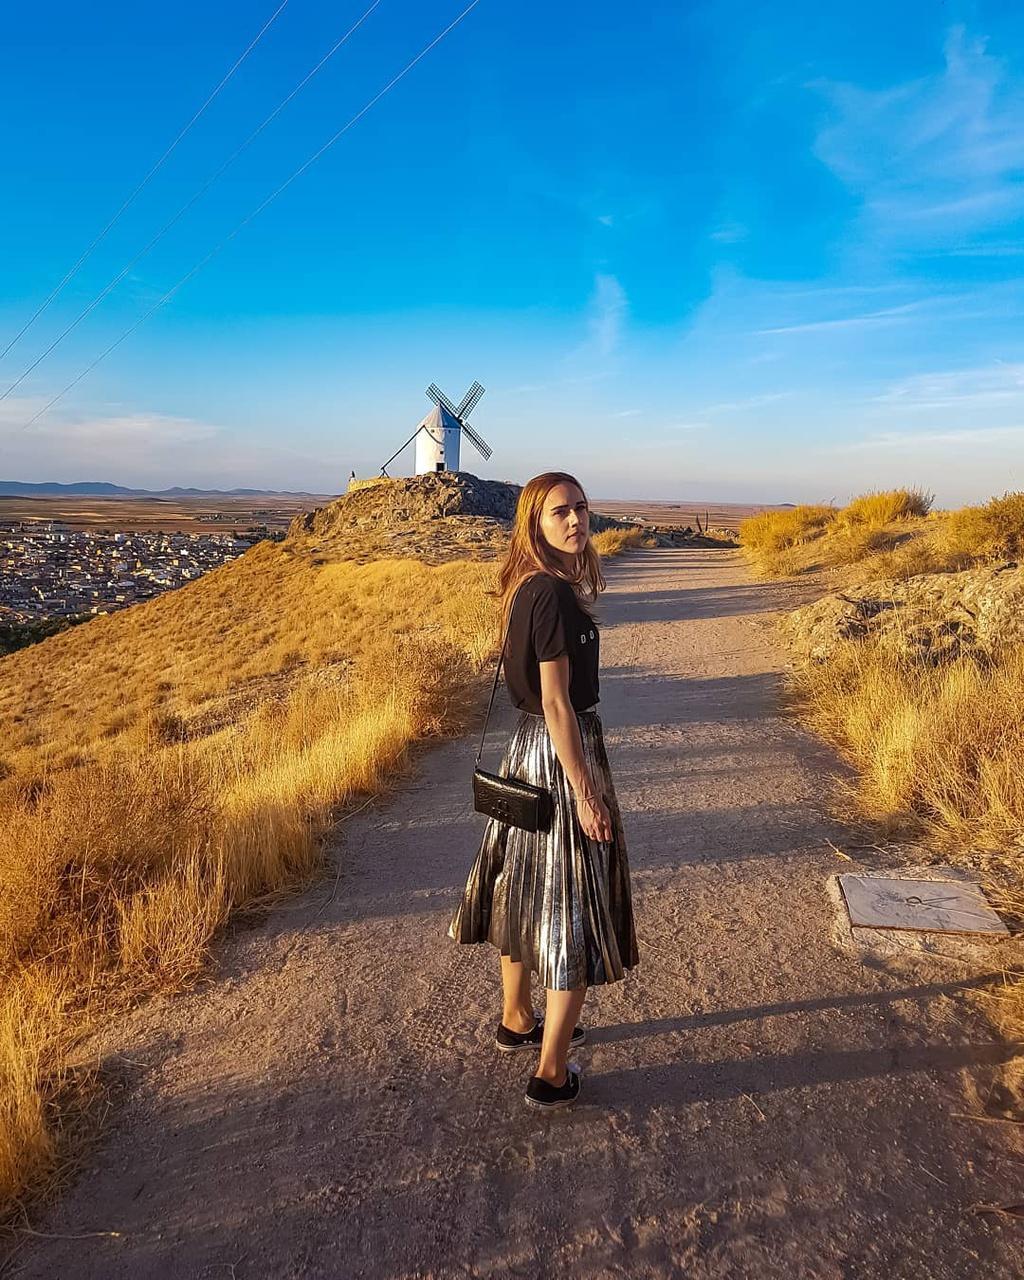 Thiên đường cối xay gió đẹp như tranh vẽ ở Tây Ban Nha Ảnh 2